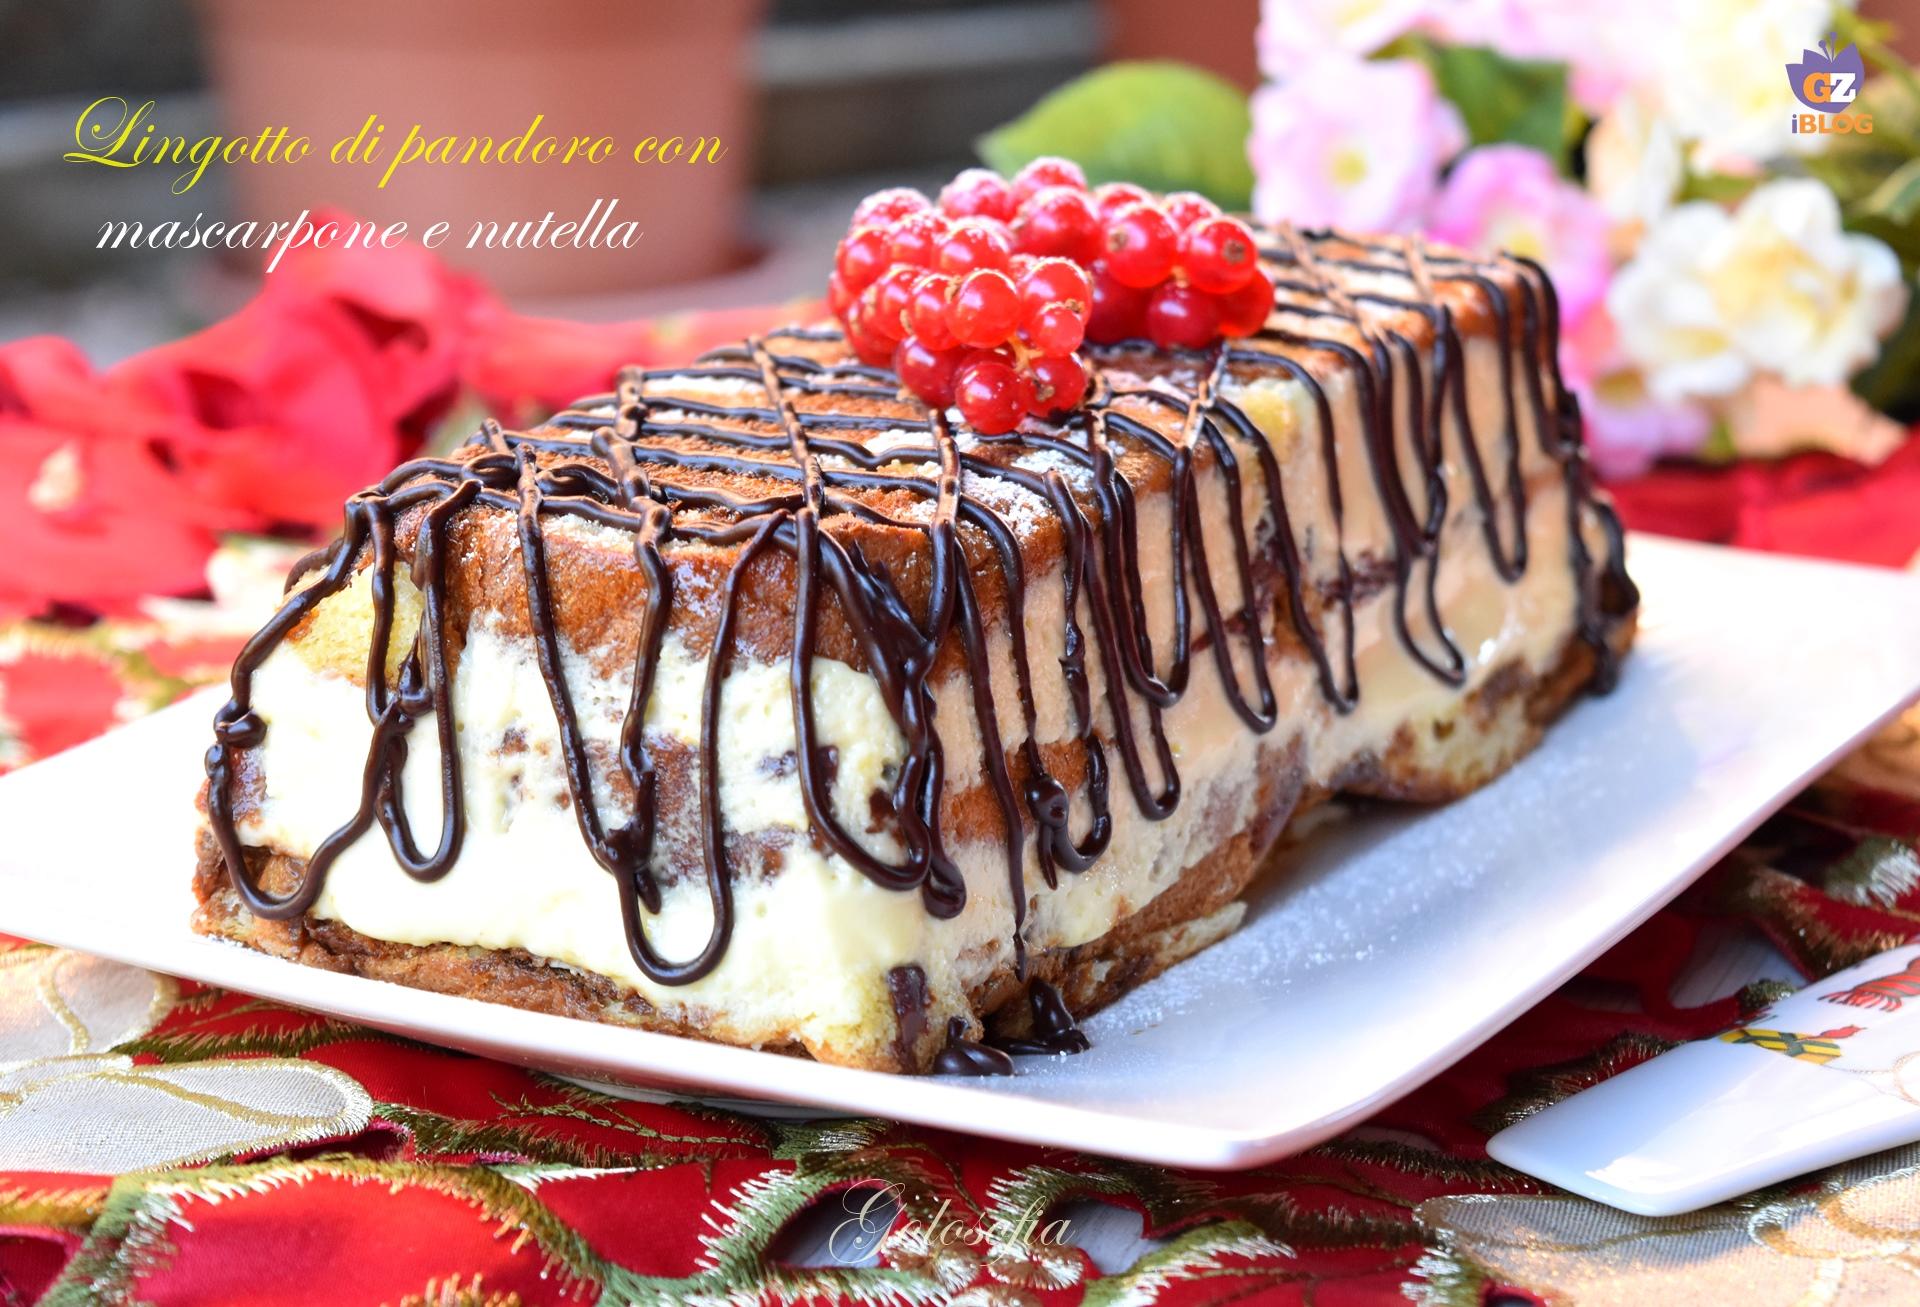 Lingotto al pandoro con mascarpone e nutella-ricetta dolci-golosofia